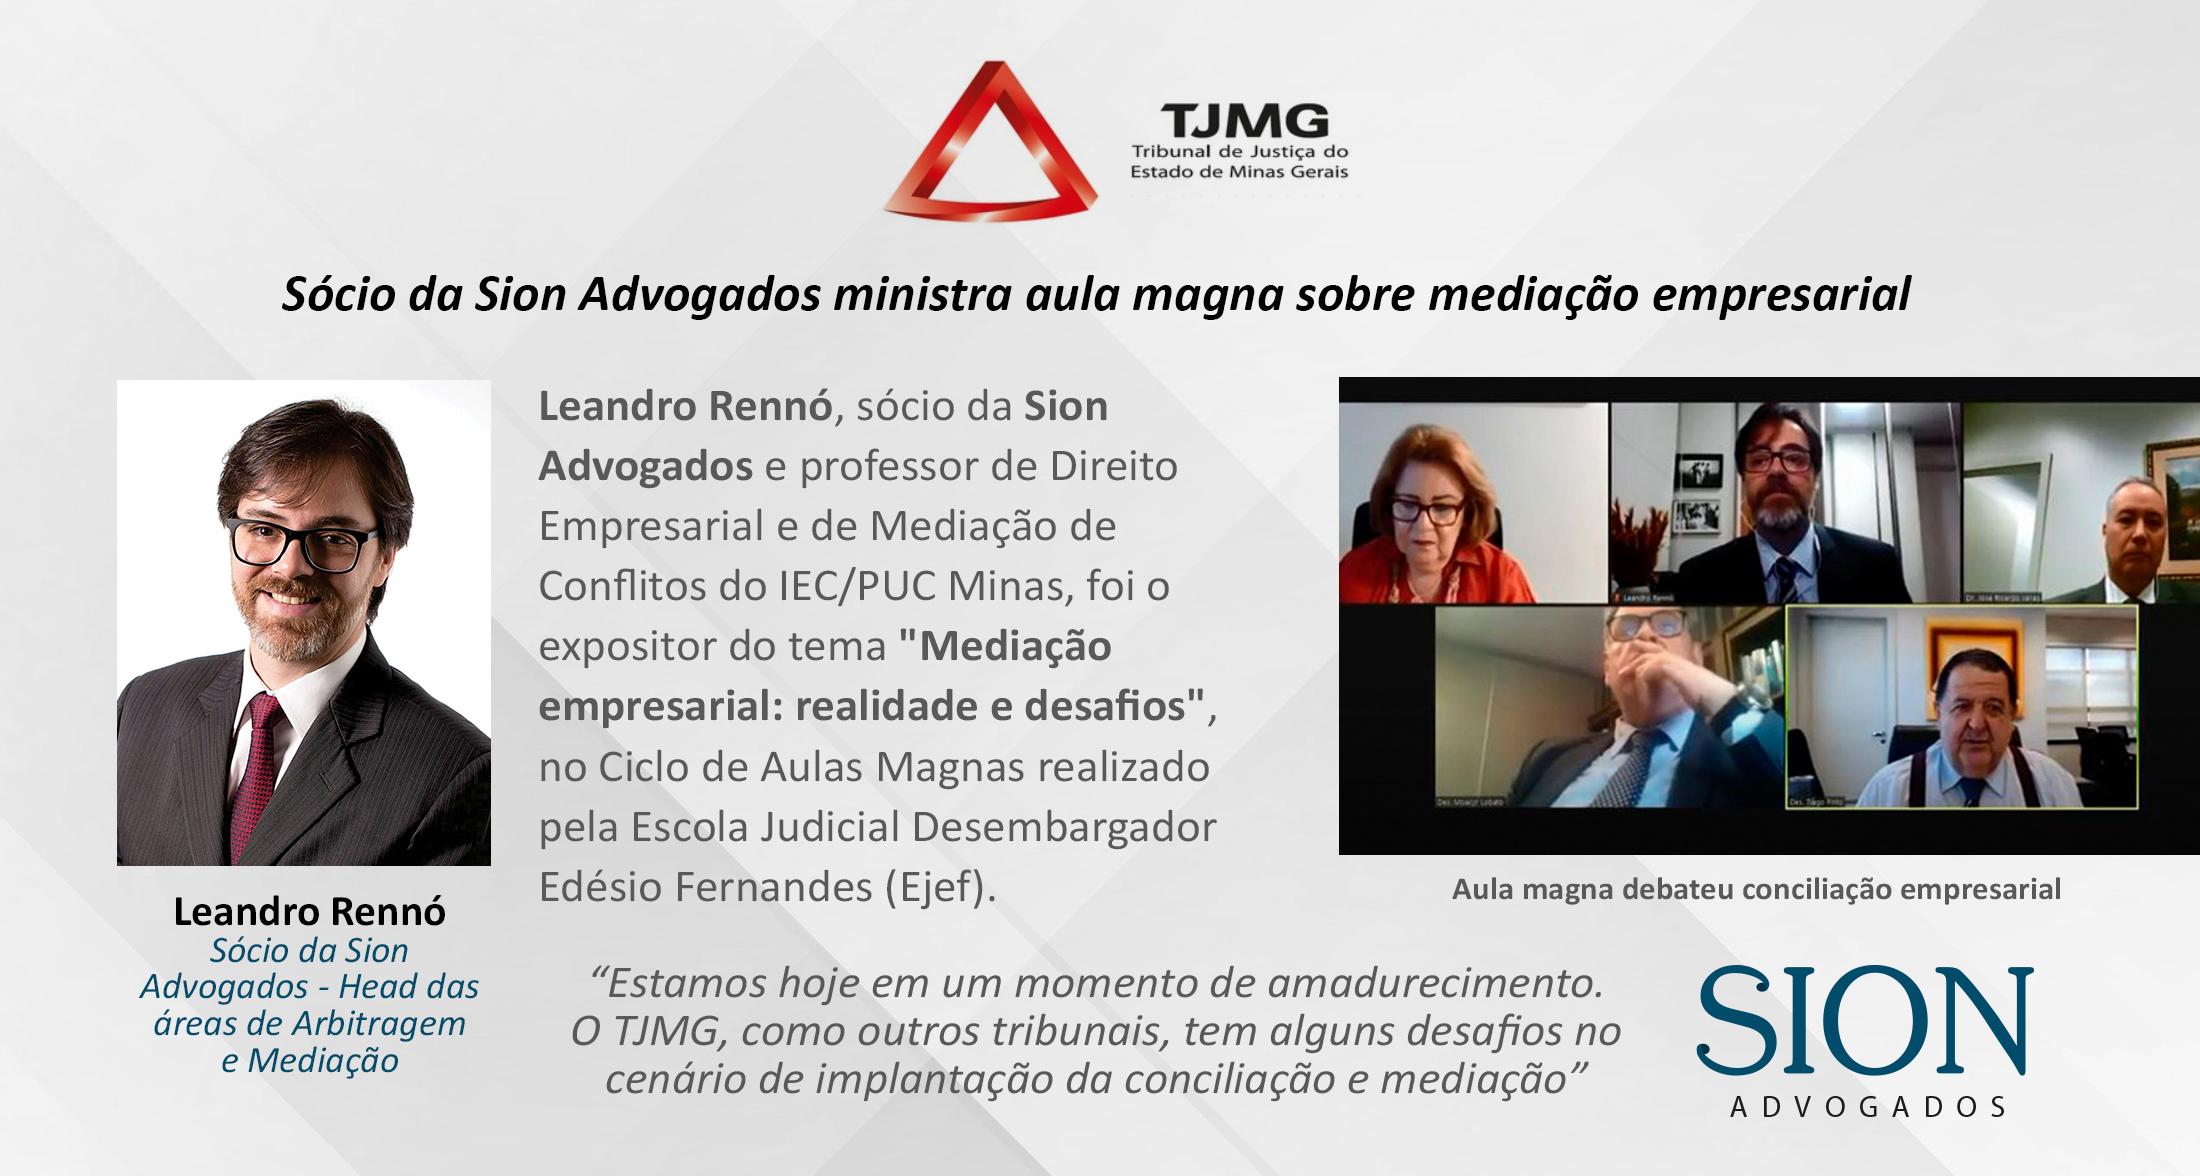 SÓCIO DA SION ADVOGADOS MINISTRA AULA MAGNA SOBRE MEDIAÇÃO EMPRESARIAL